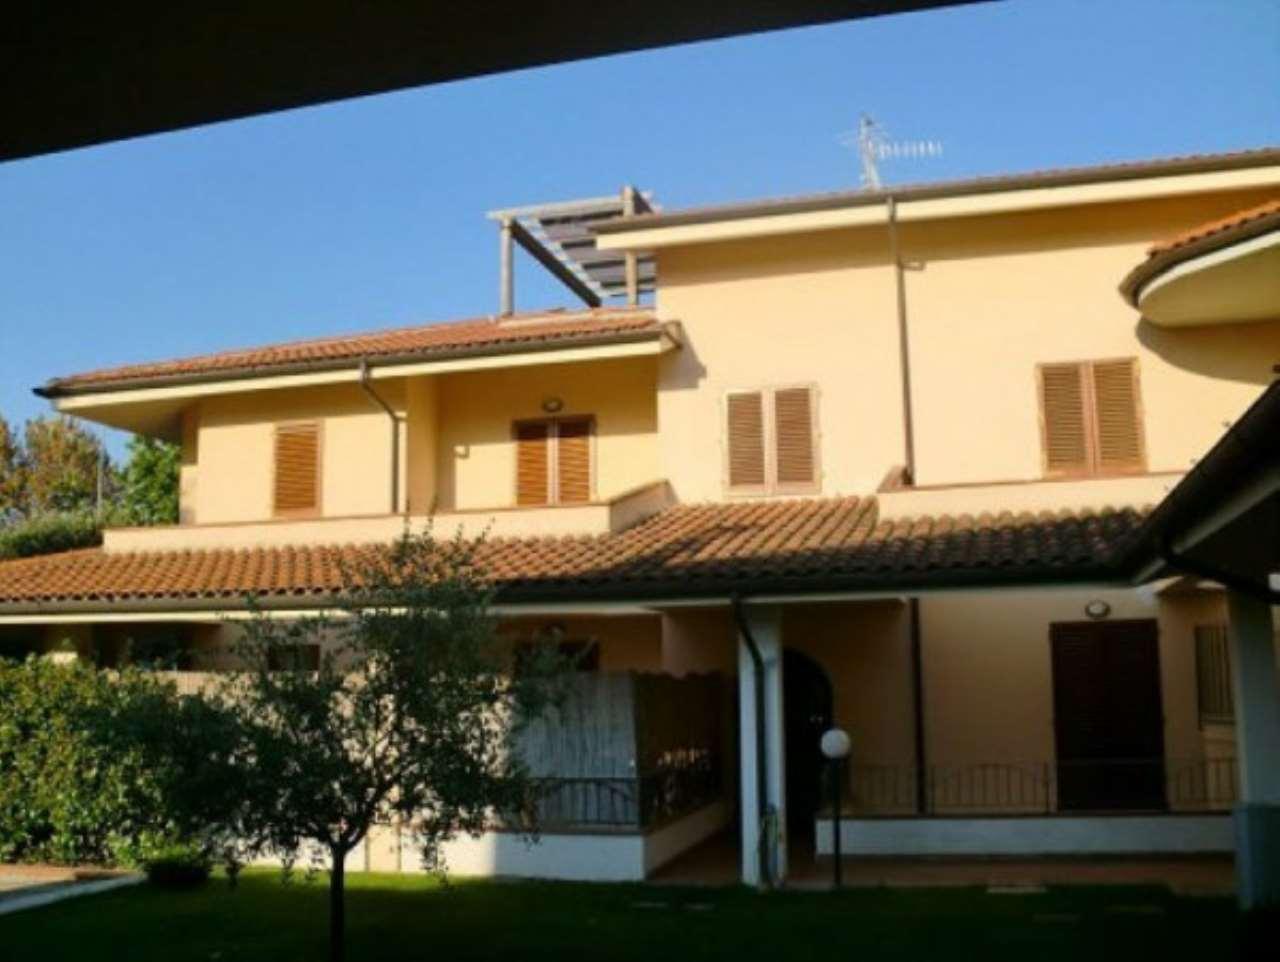 Appartamento in vendita a Serravalle Pistoiese, 5 locali, prezzo € 230.000 | CambioCasa.it